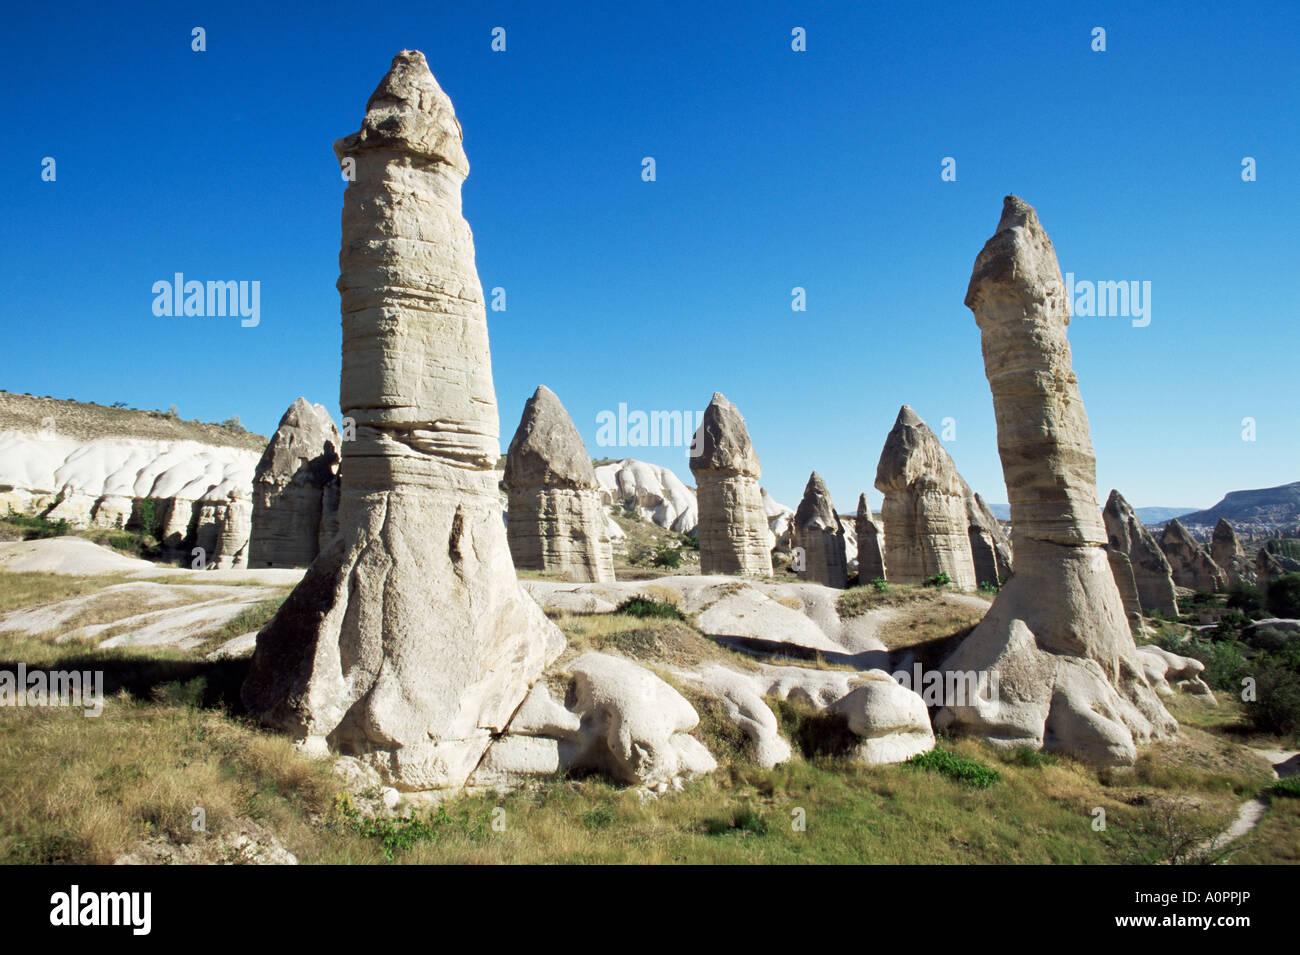 Piliers phalliques ou cheminées de fées de Göreme Cappadoce Anatolie Turquie près de l'Asie Photo Stock